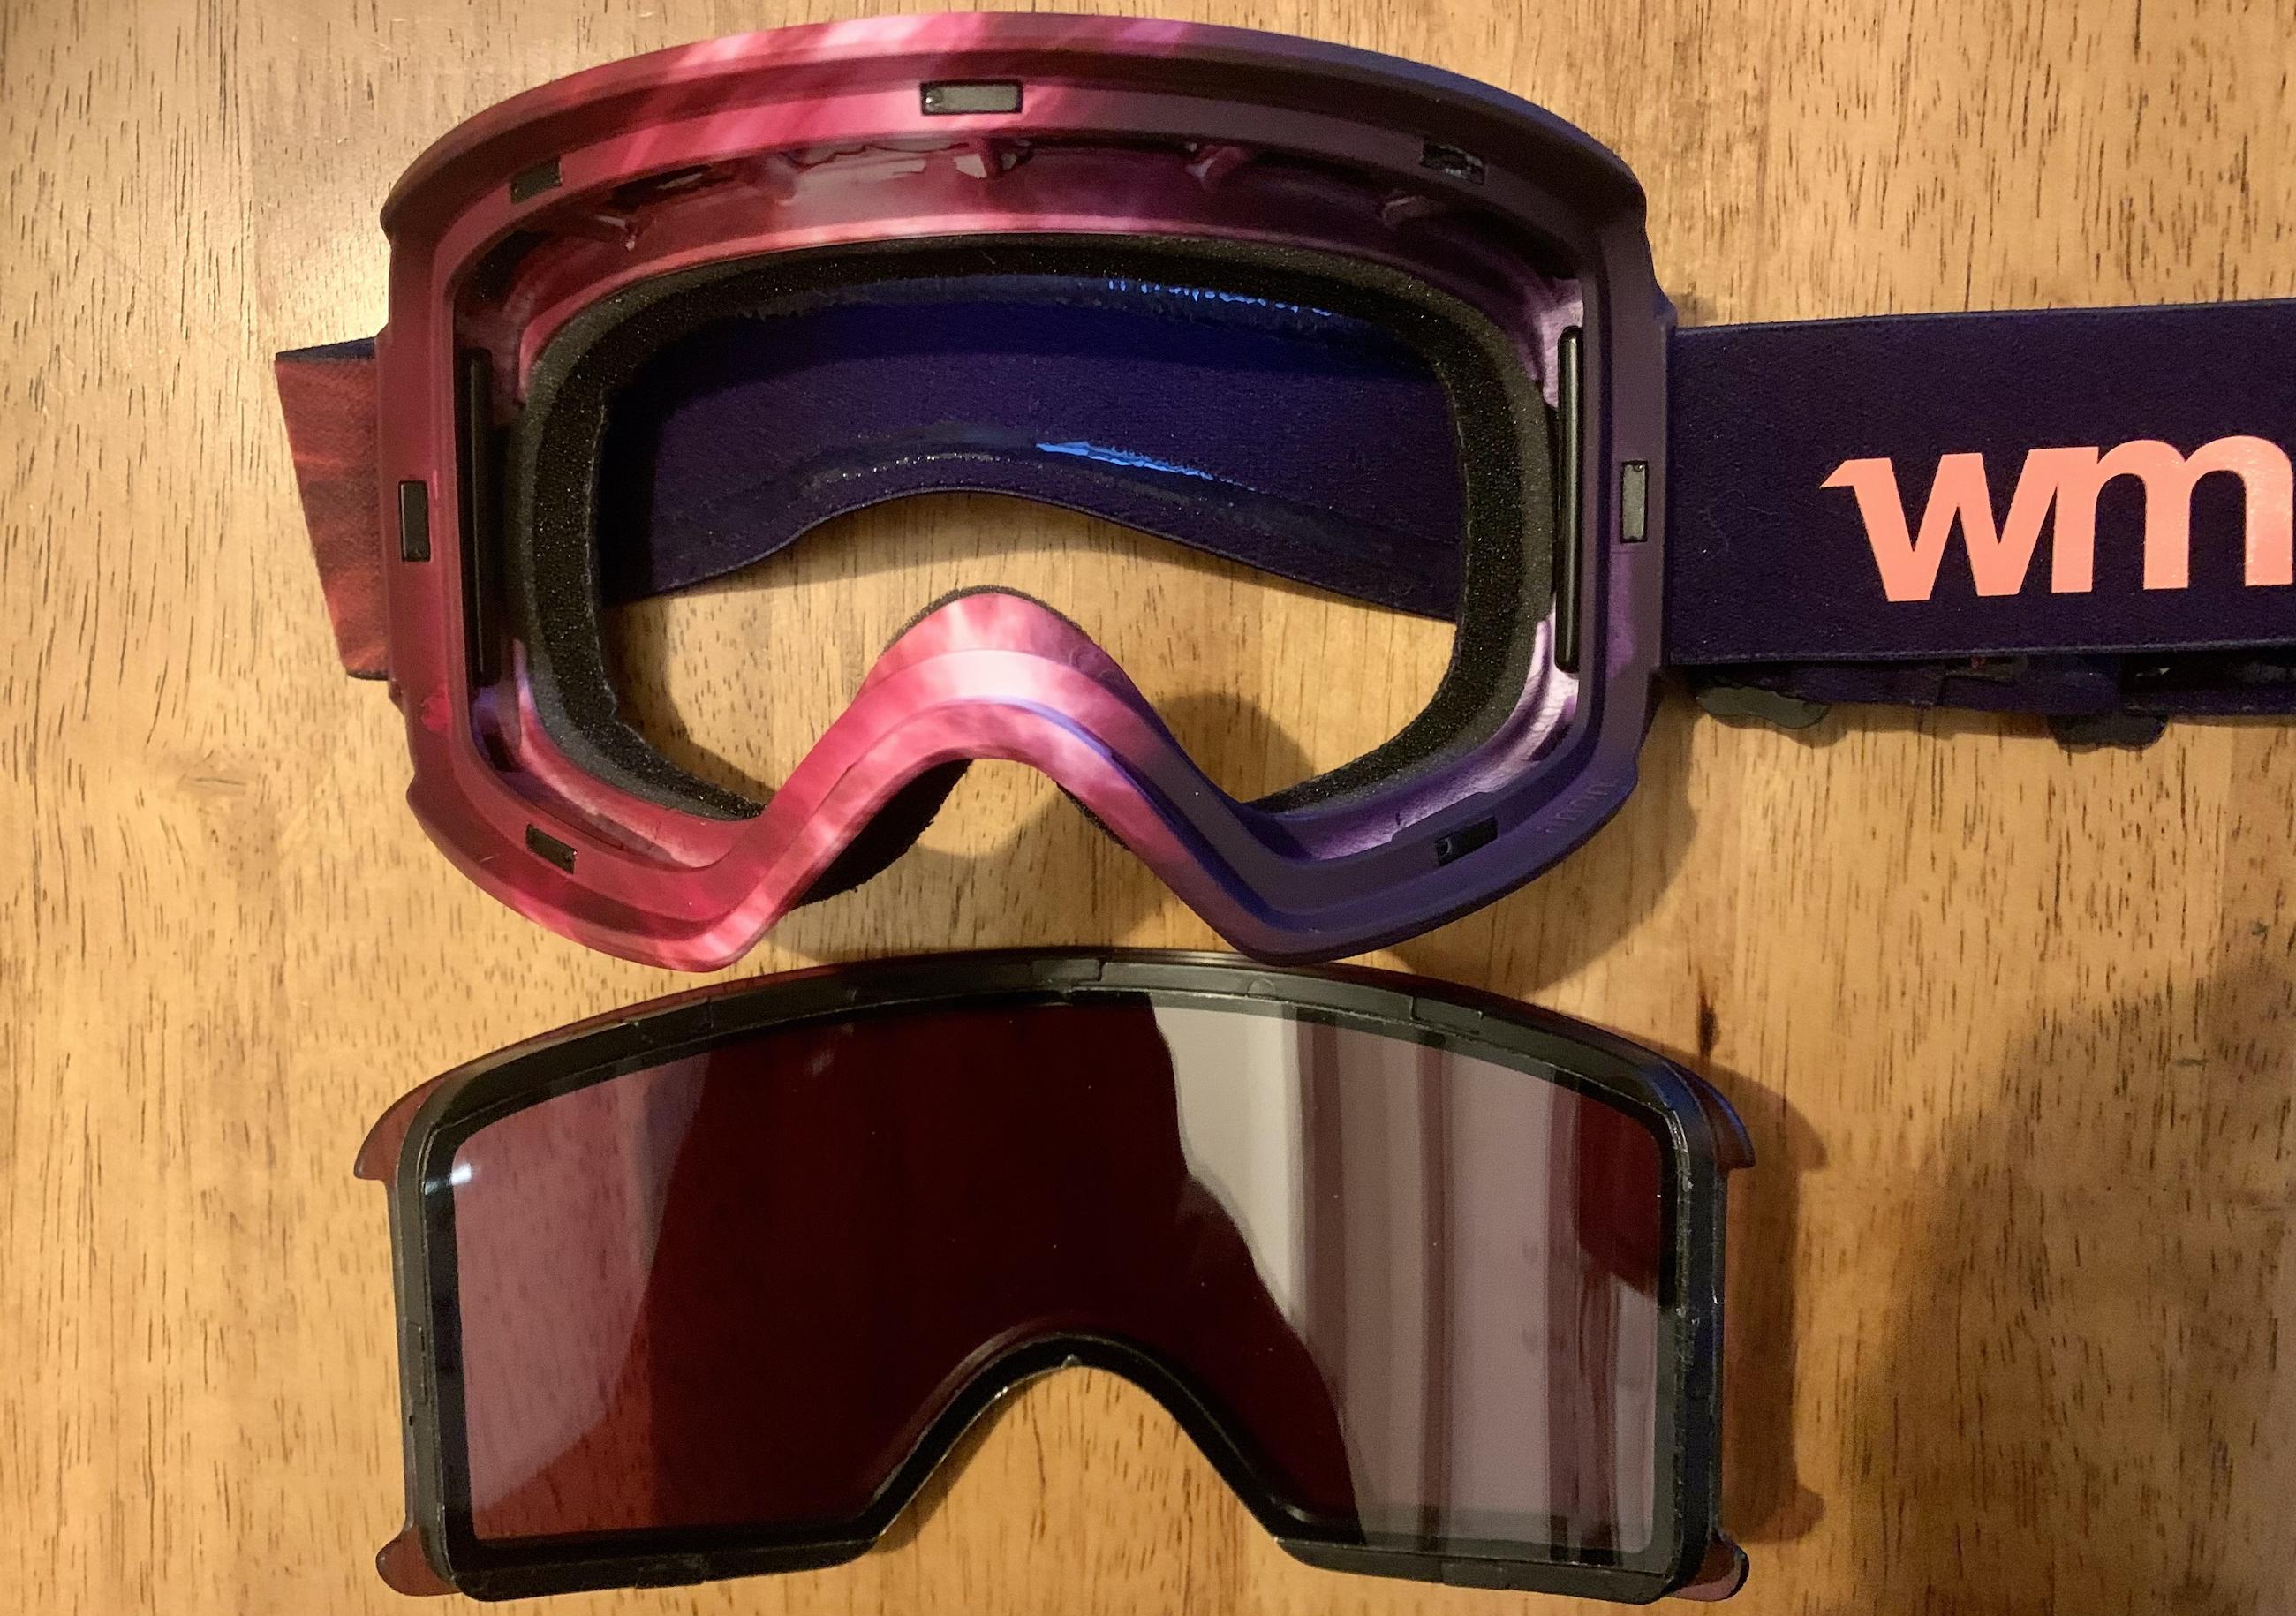 Anon WM3 goggles